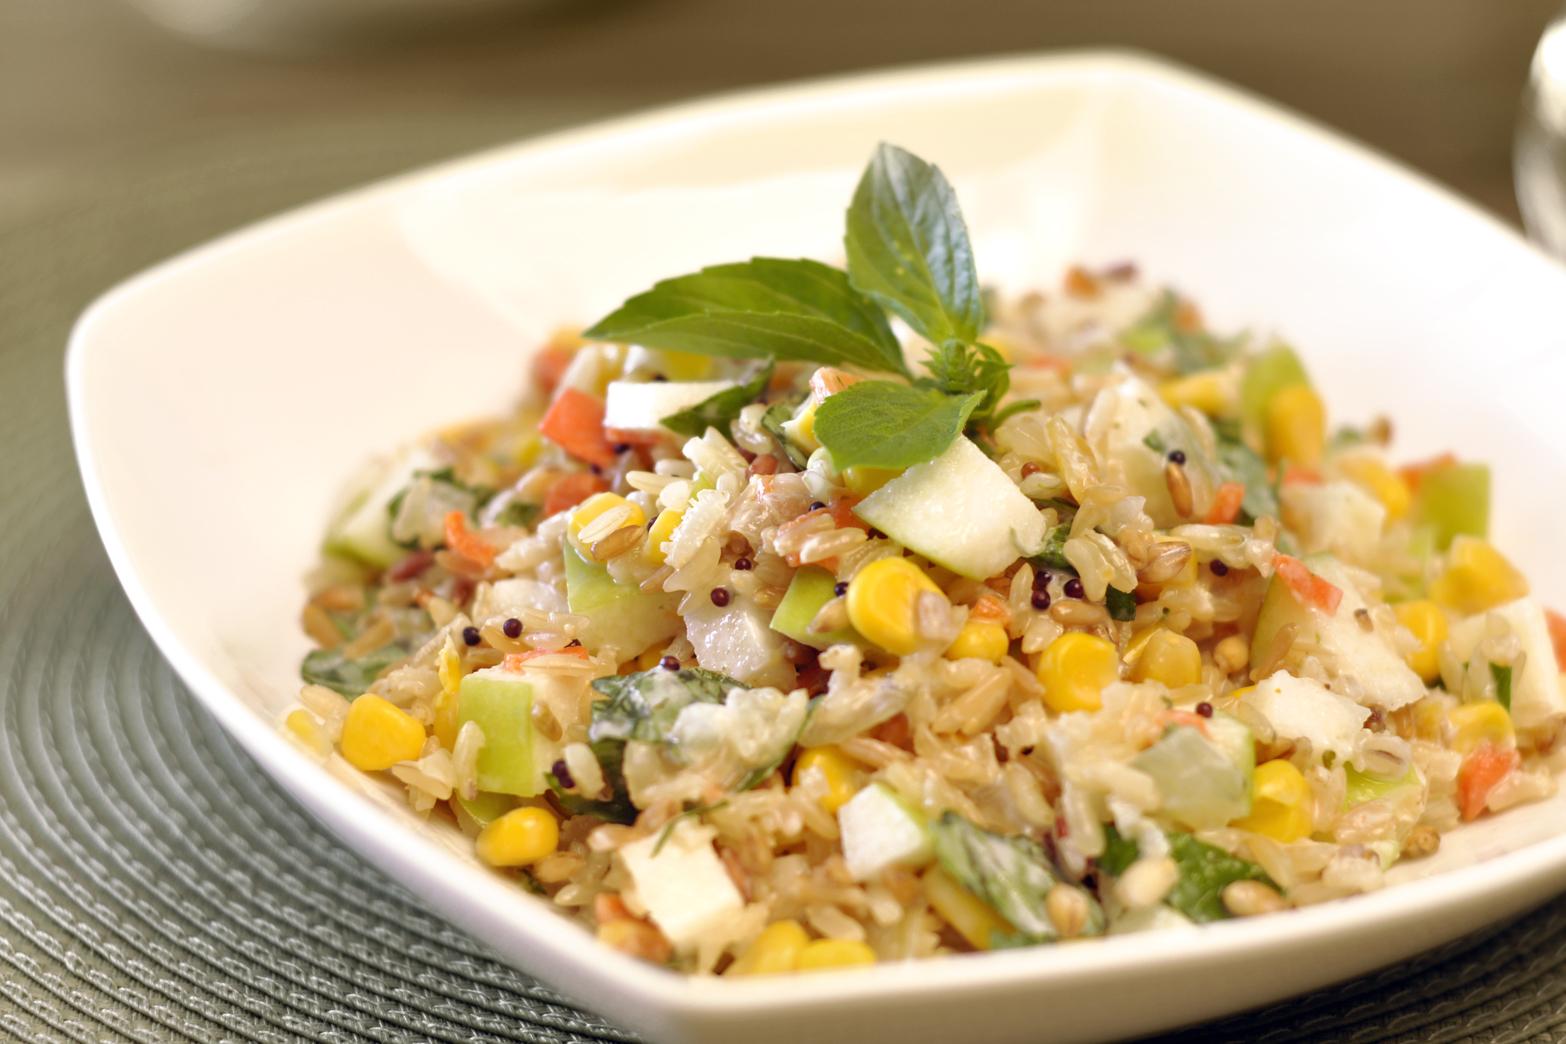 Salada de arroz 7 grãos - aprenda a fazer   Artigos Cursos CPT   Foto: Reprodução